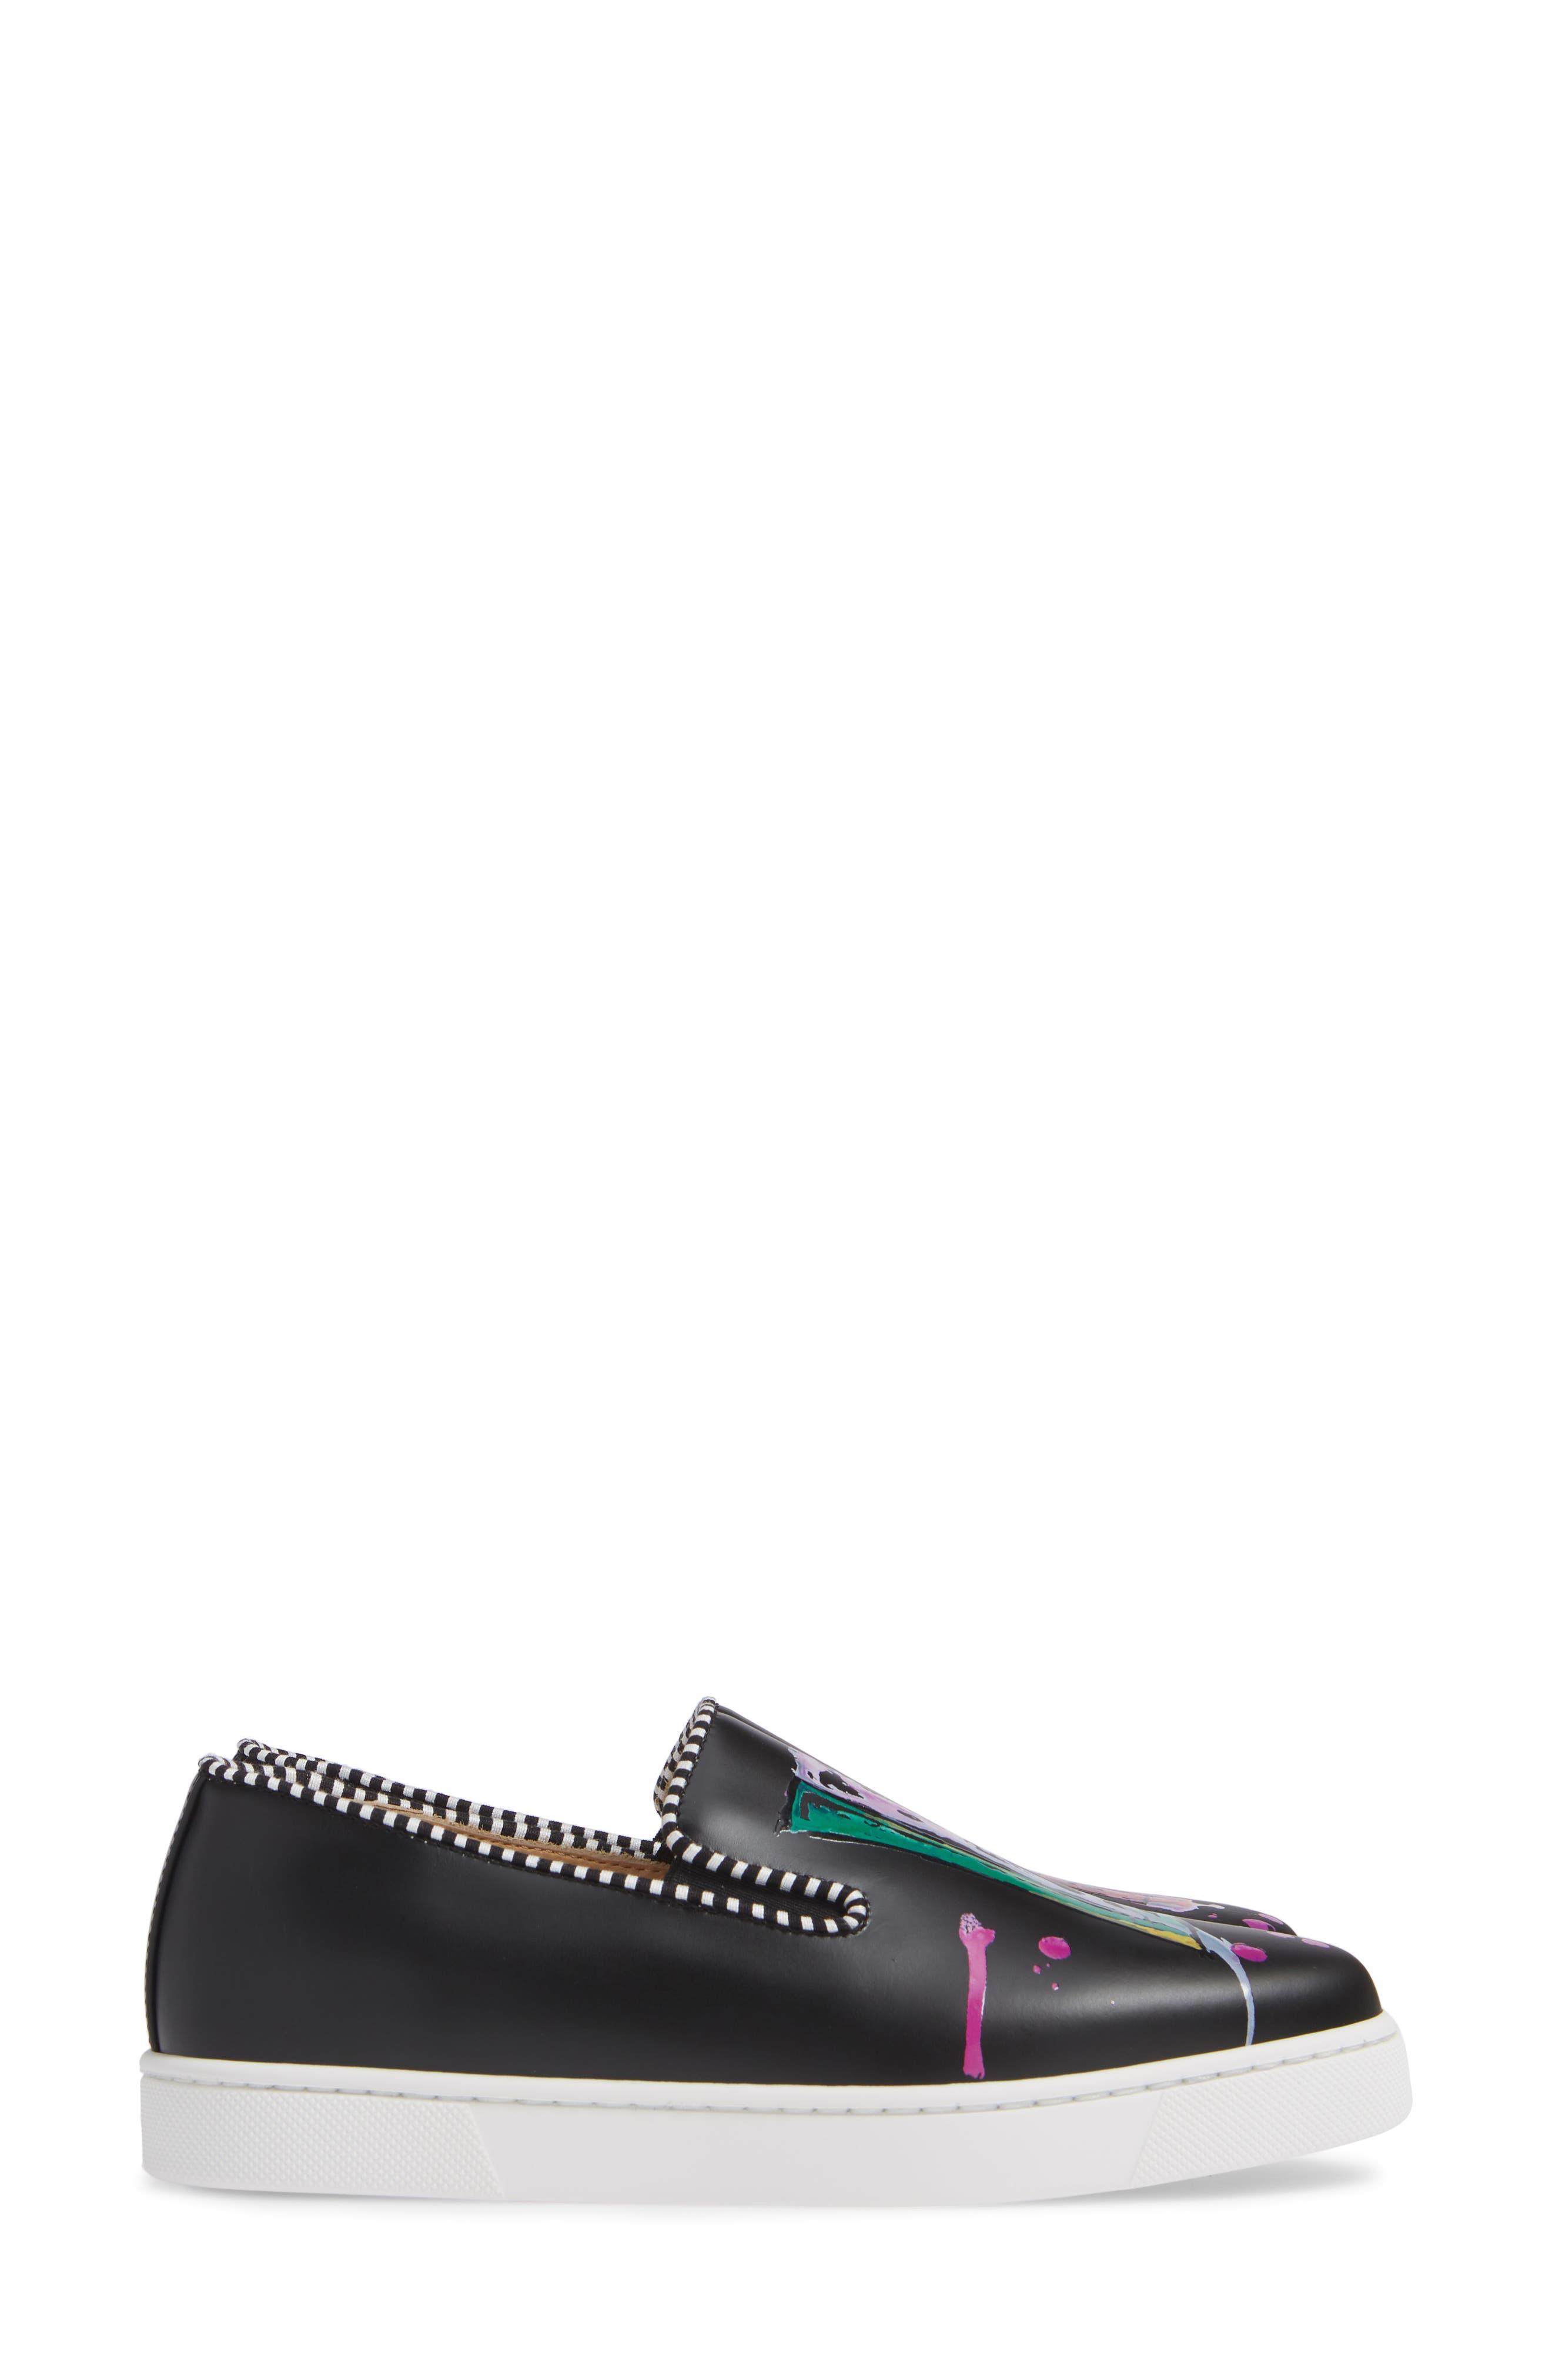 Loubi Love Slip-On Sneaker,                             Alternate thumbnail 4, color,                             BLACK